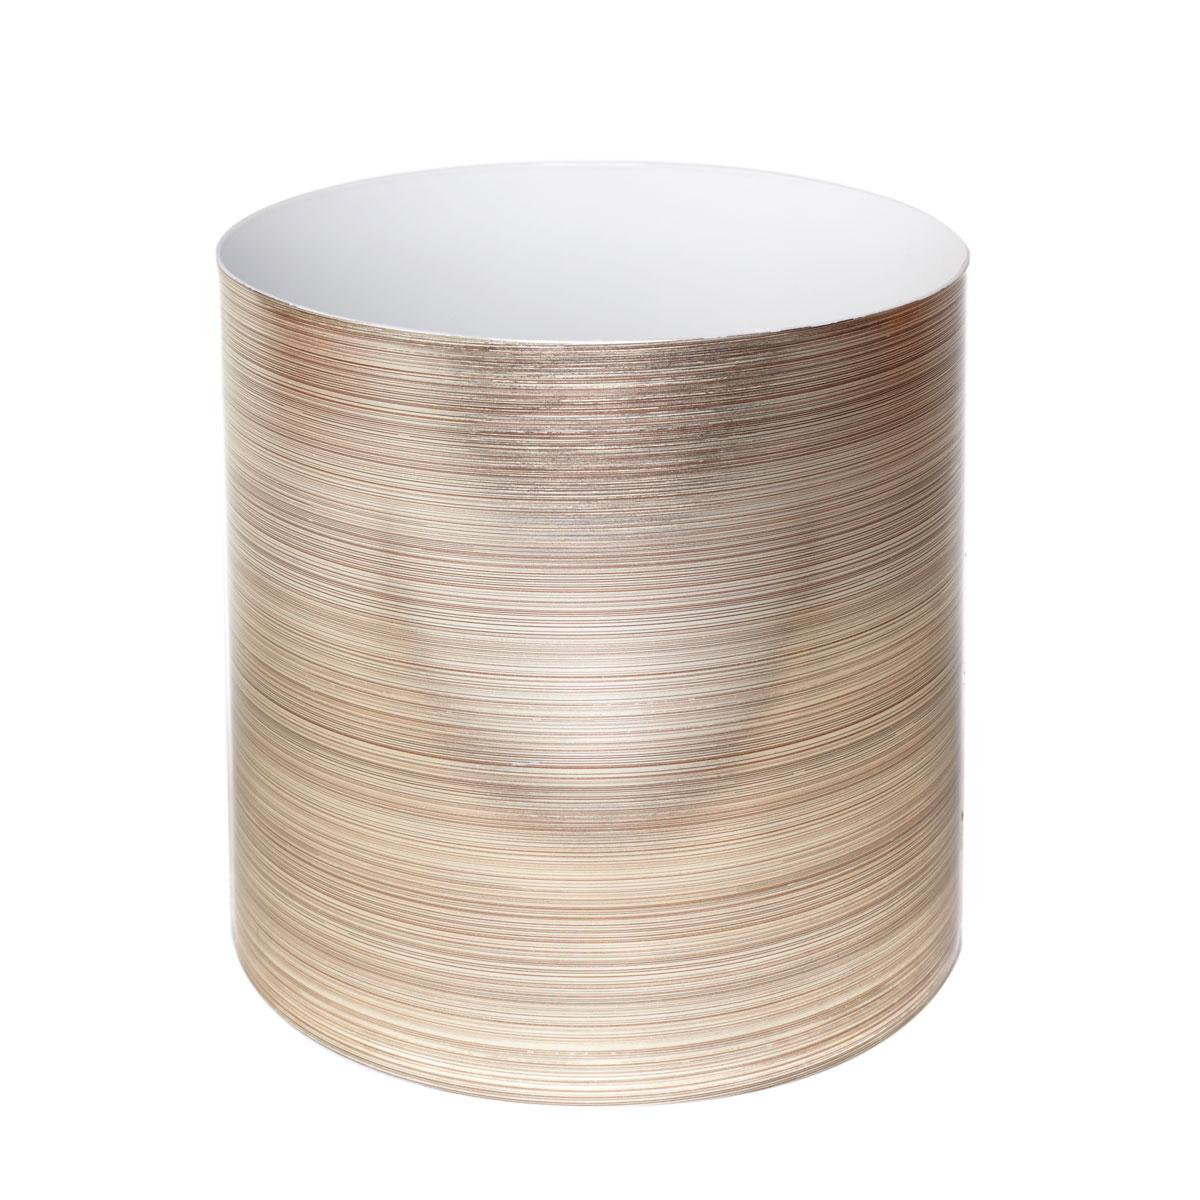 Горшок для цветов Miolla Золото, со скрытым поддоном, 1,7 лSMG-48Горшок для цветов Miolla Золото со скрытым поддоном выполнен из пластика. Диаметр горшка: 13,5 см. Высота горшка (с учетом поддона): 13,5 см. Объем горшка: 1,7 л.